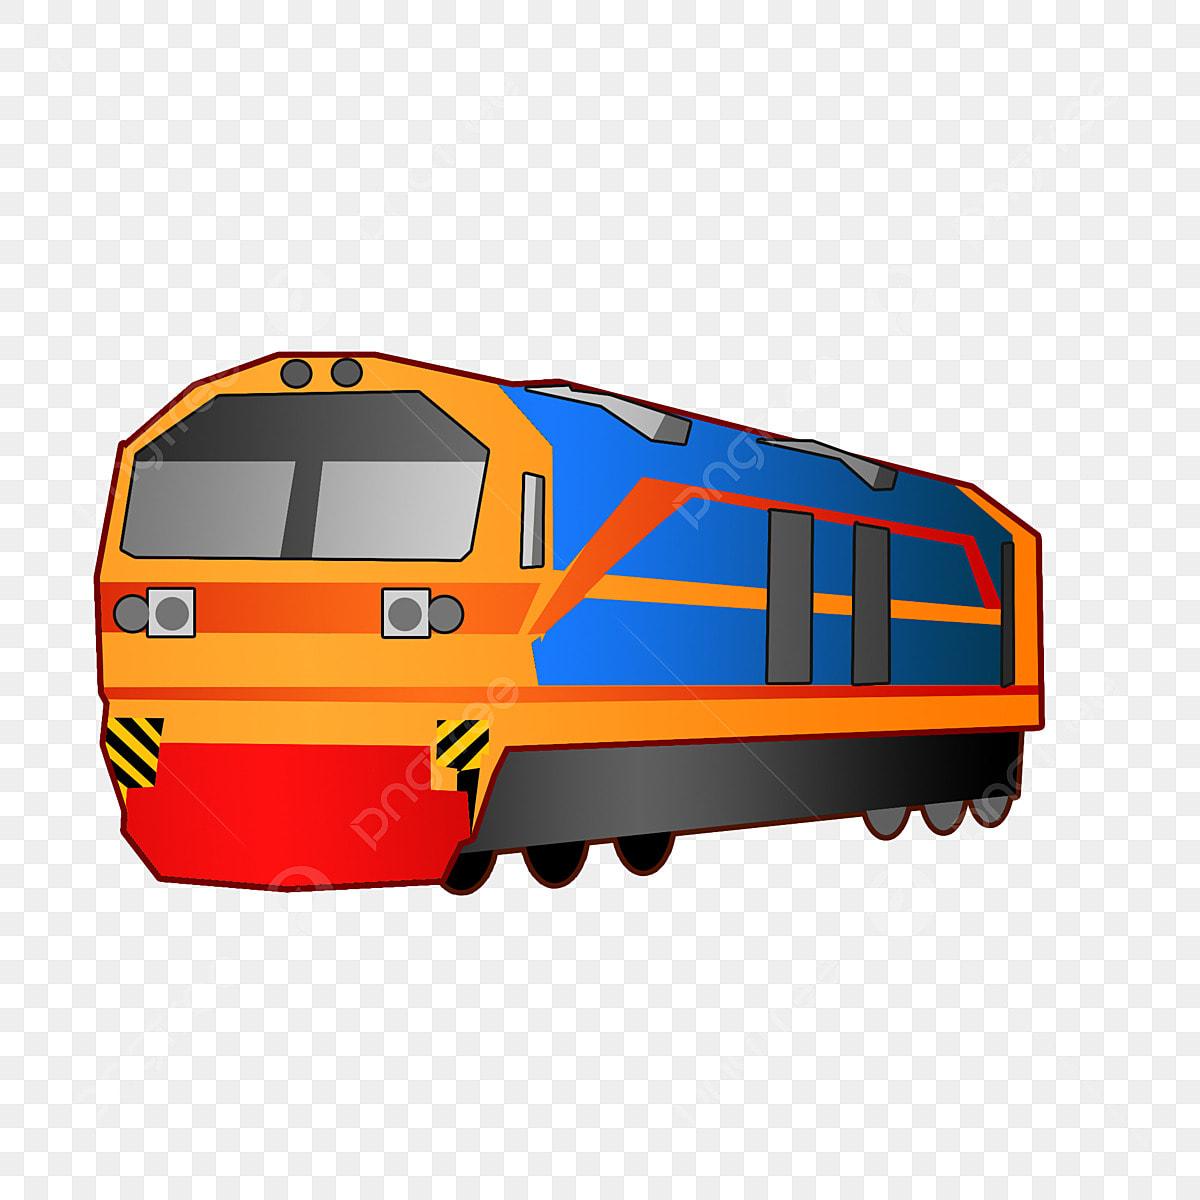 Gambar Kereta Api Kartun Berwarna Gambar Keretapi Warna Yang Ditarik Tangan Badan Biru Lokomotif Oren Transit Kereta Api Badan Biru Kereta Kecil Lokomotif Oren Png Dan Psd Untuk Muat Turun Percuma